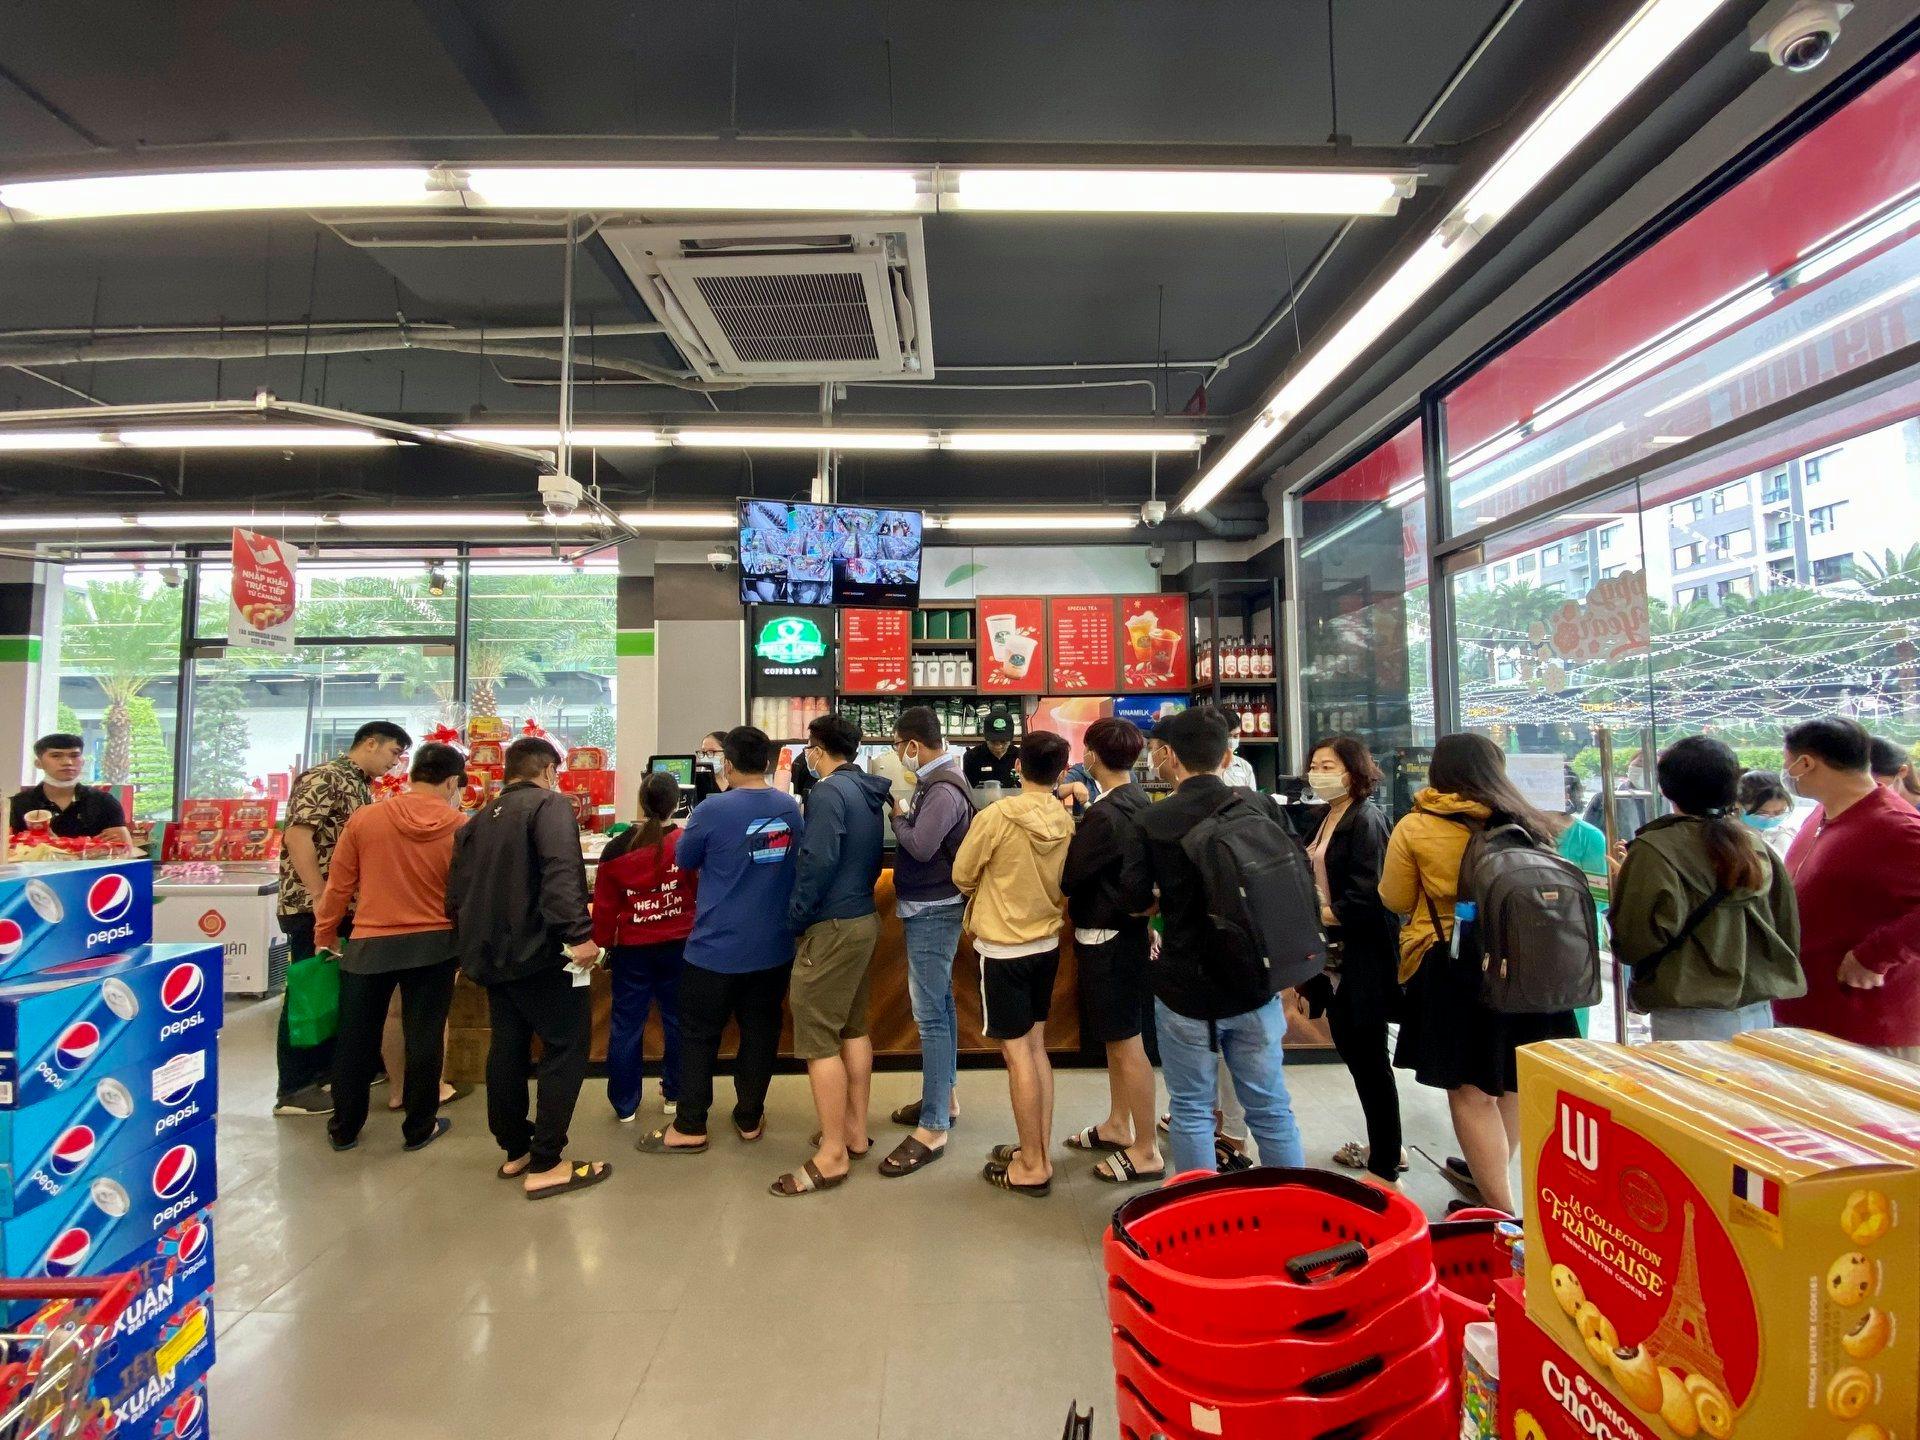 Phuc Long Kiosk tại VinMart+ - Hình 4.jpg